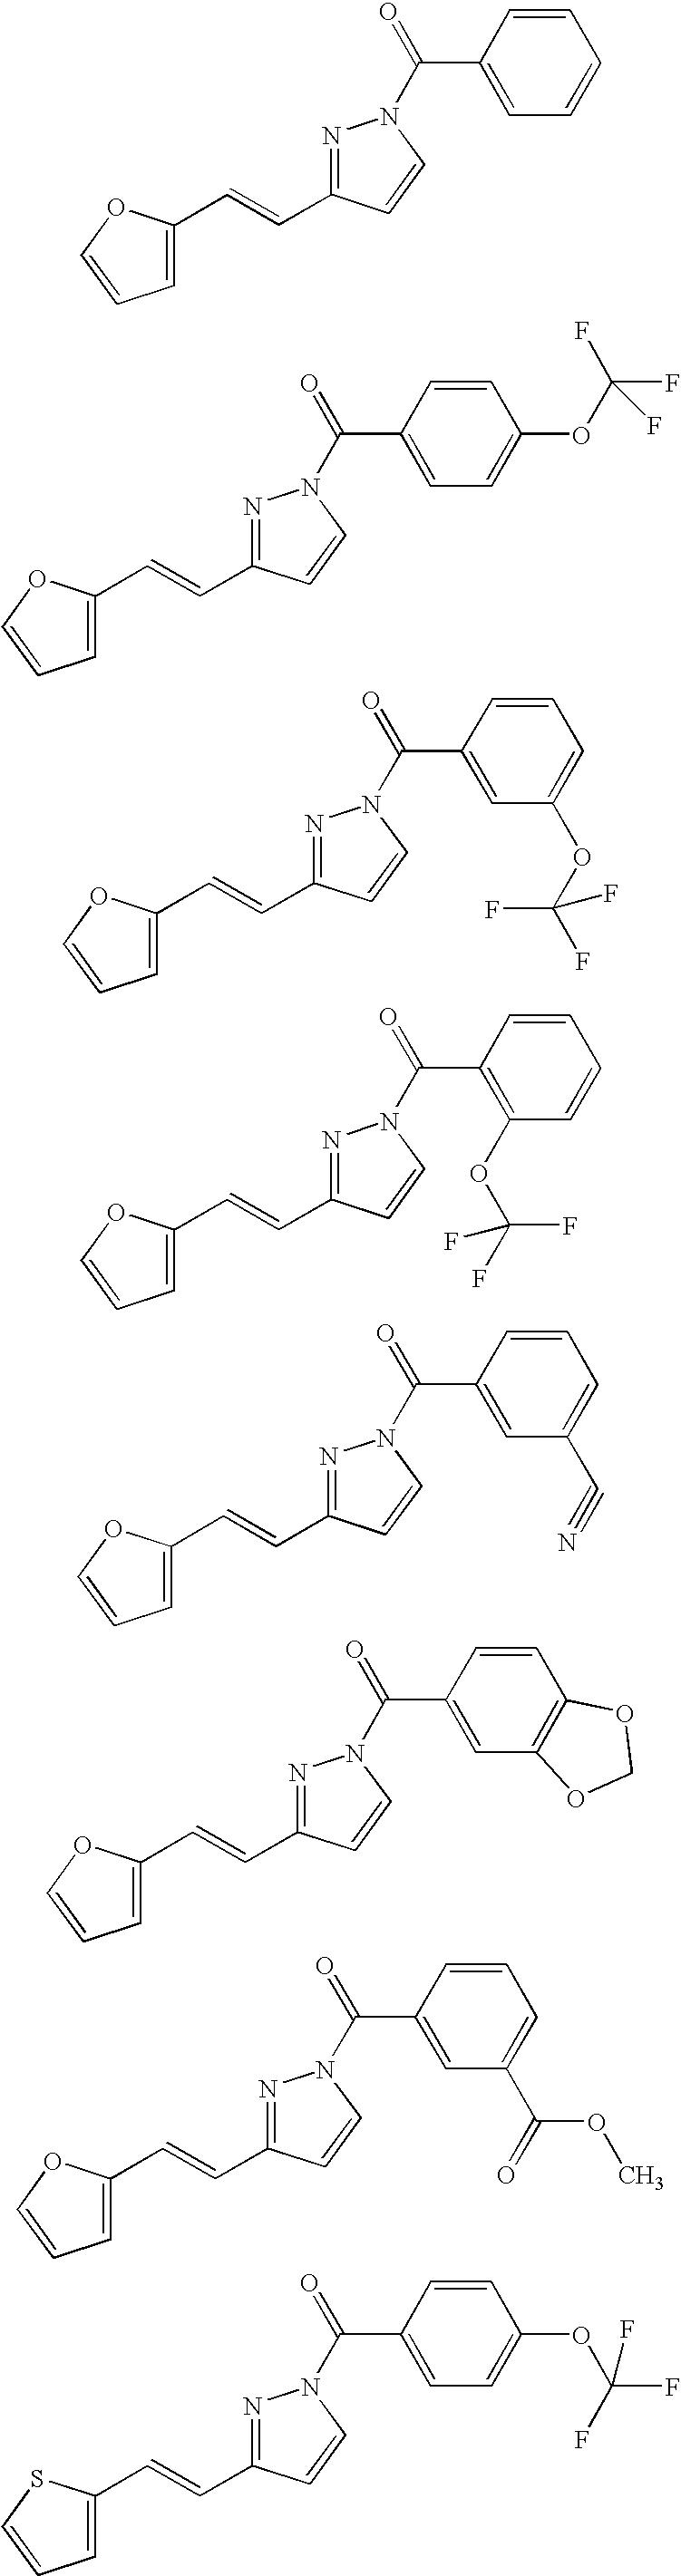 Figure US07192976-20070320-C00046